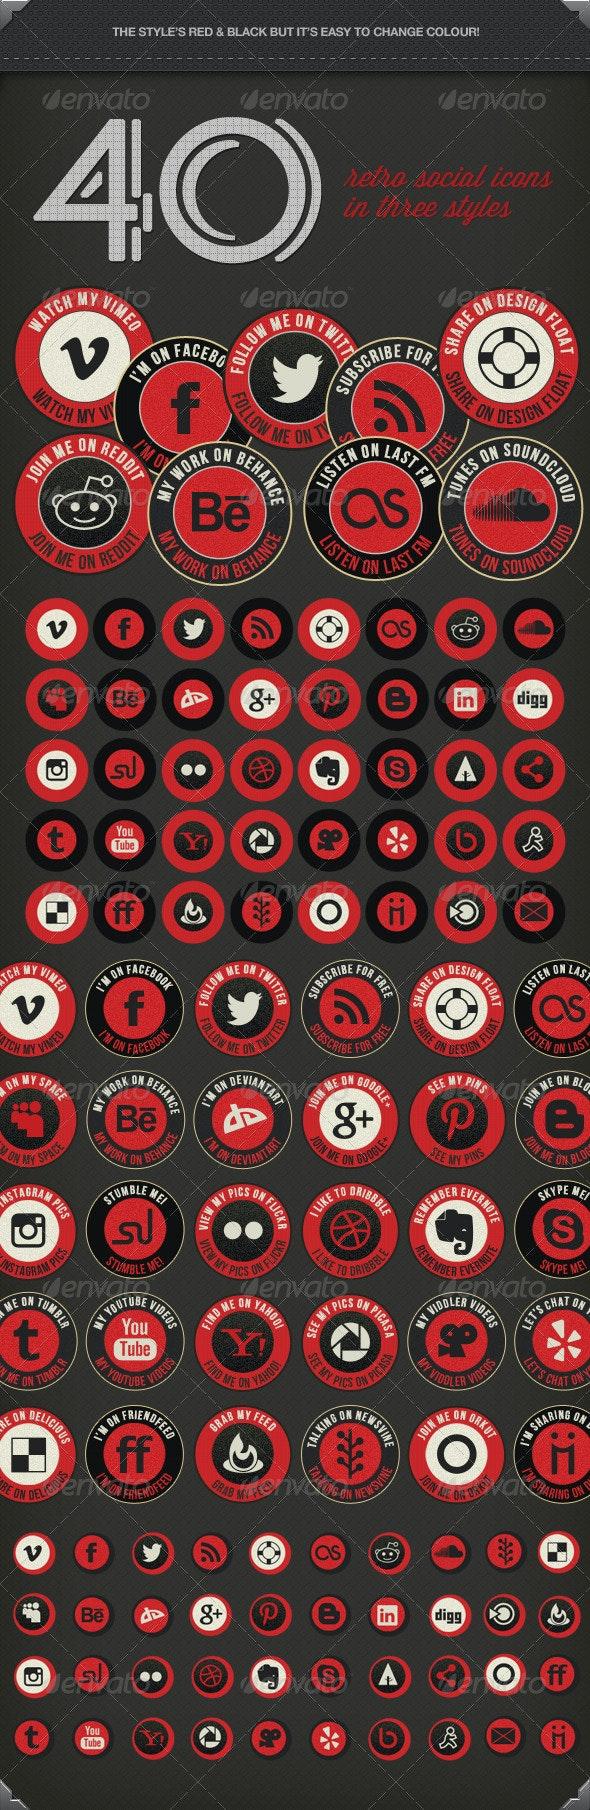 Retro Social Media Icons - Icons